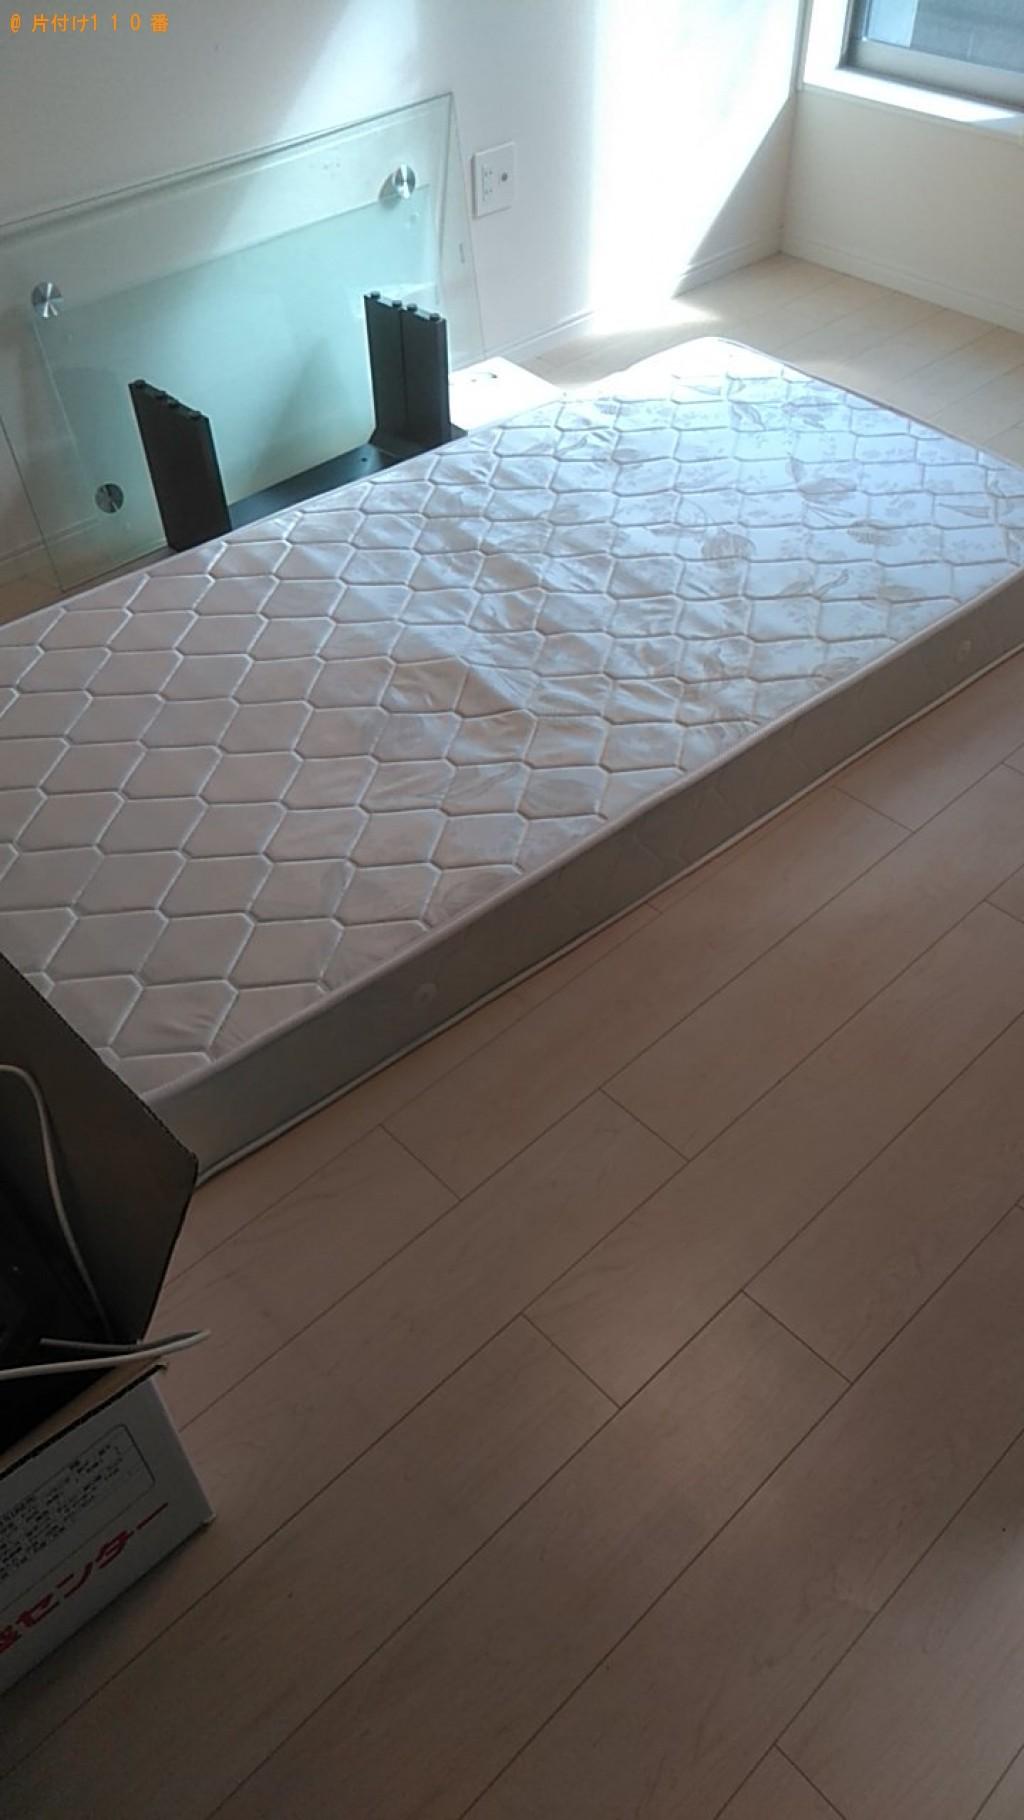 【松山市】シングルベッドマットレス1点の回収・処分 お客様の声